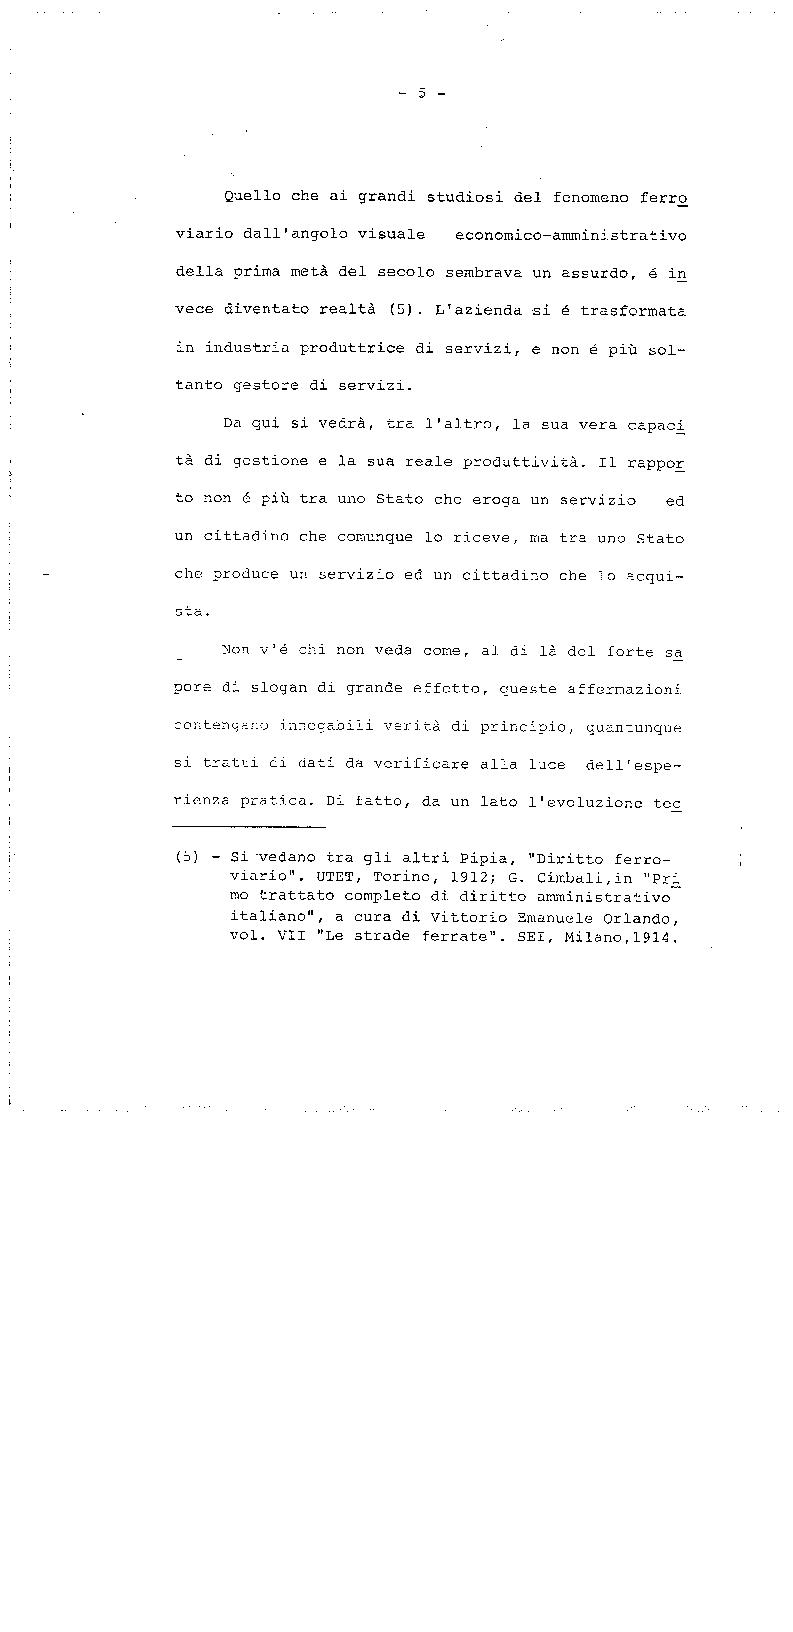 Anteprima della tesi: La trasformazione delle Ferrovie dello Stato - Legge 210/85, Pagina 5